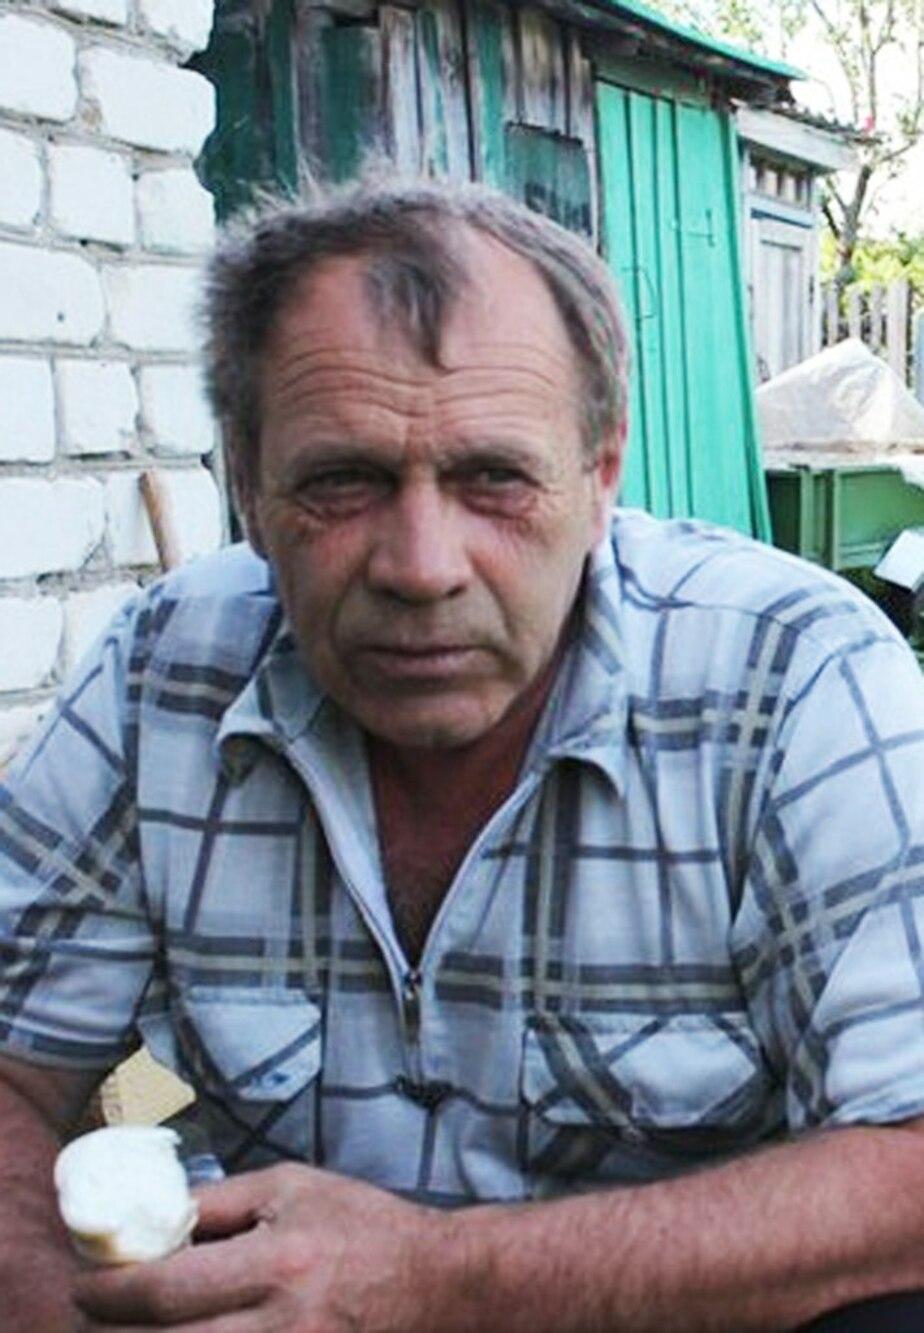 Под Черняховском вторые сутки ищут пропавшего грибника - Новости Калининграда